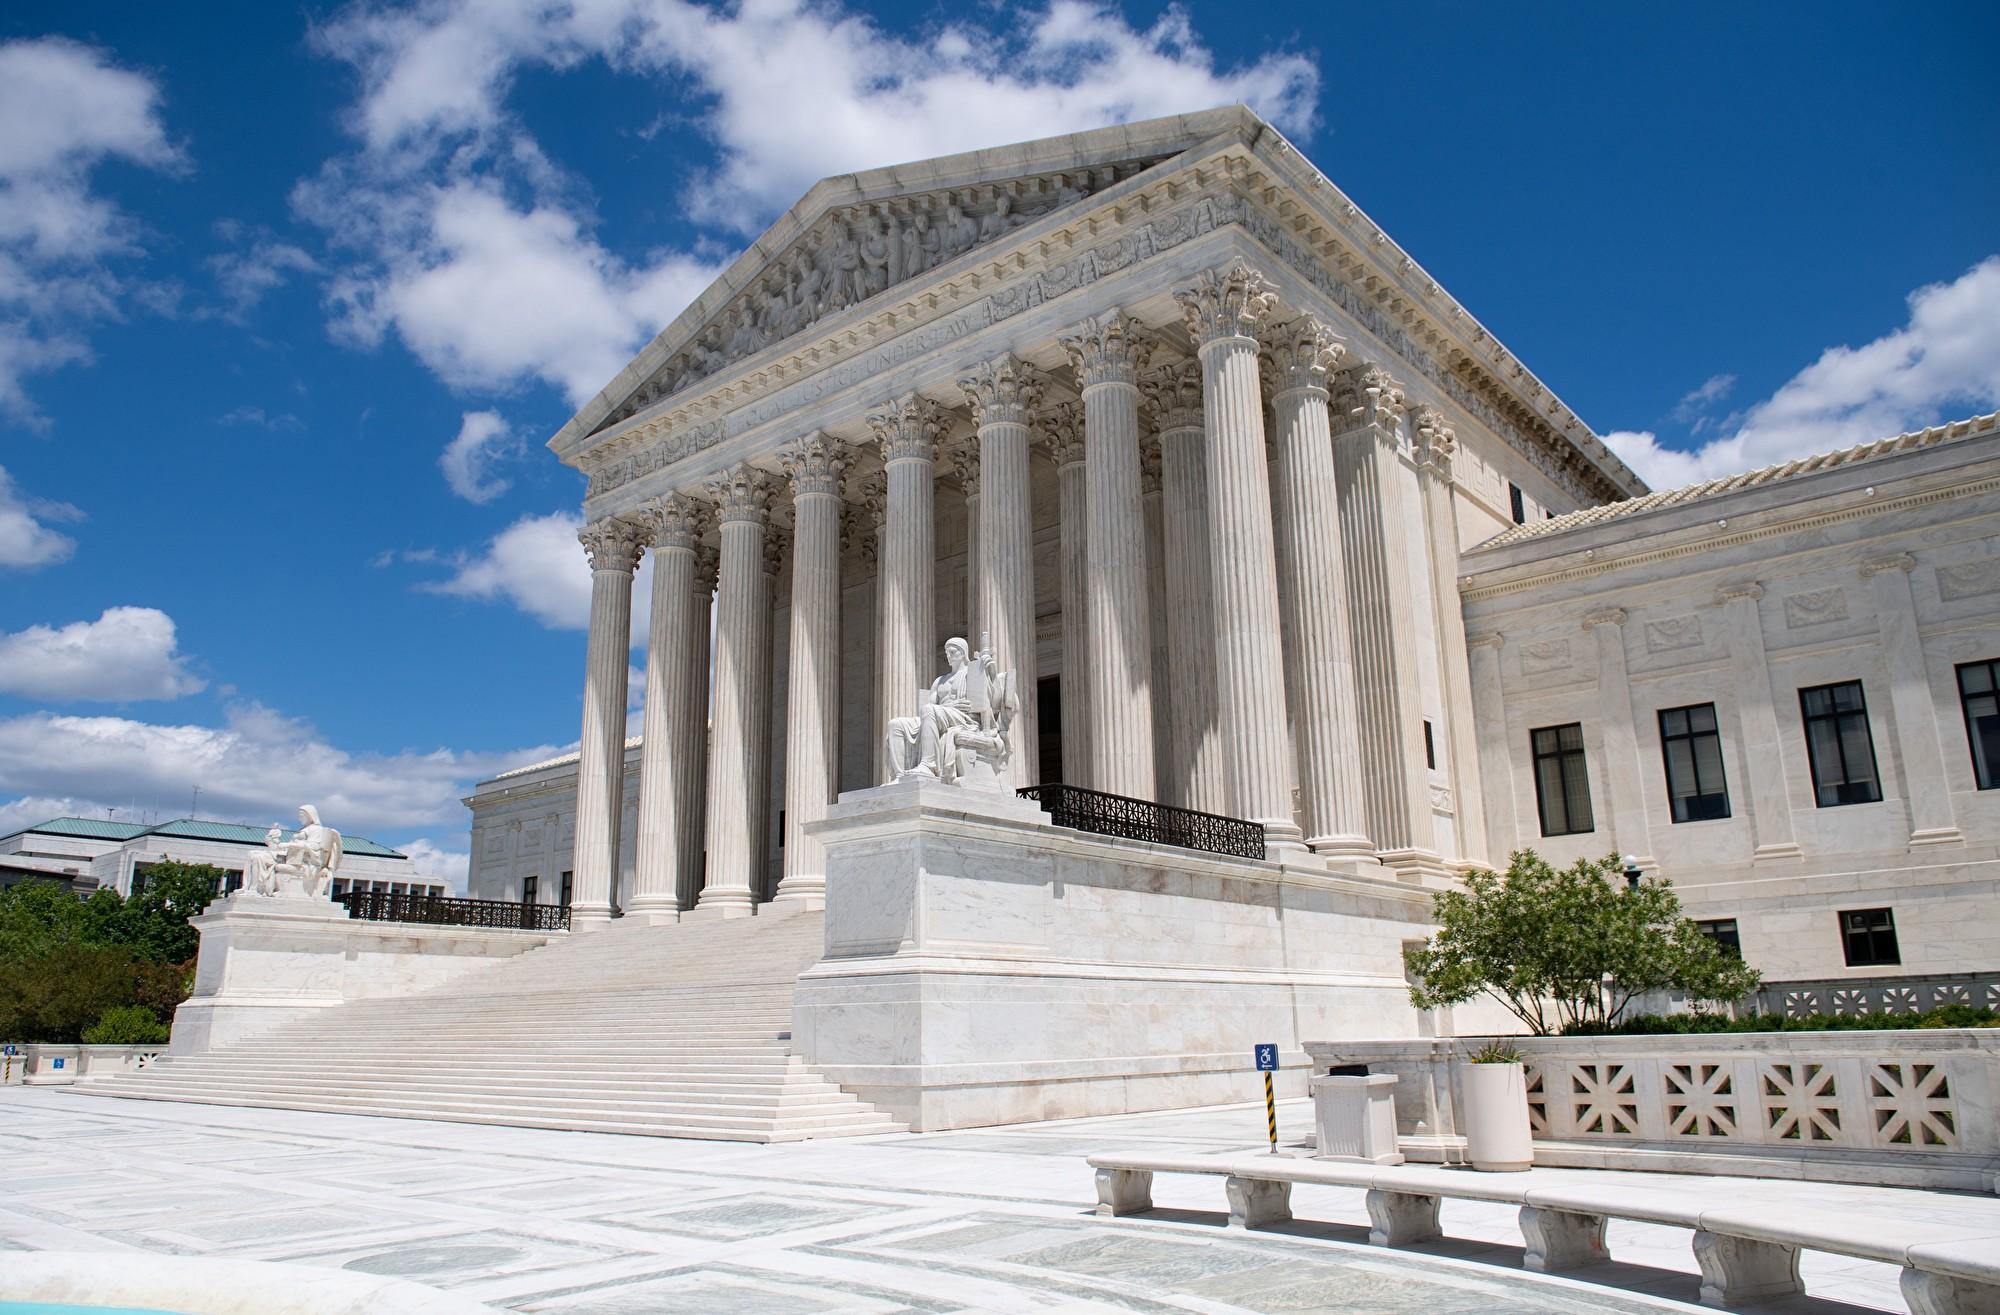 關於美最高法院及9位大法官 您需要了解的八件事